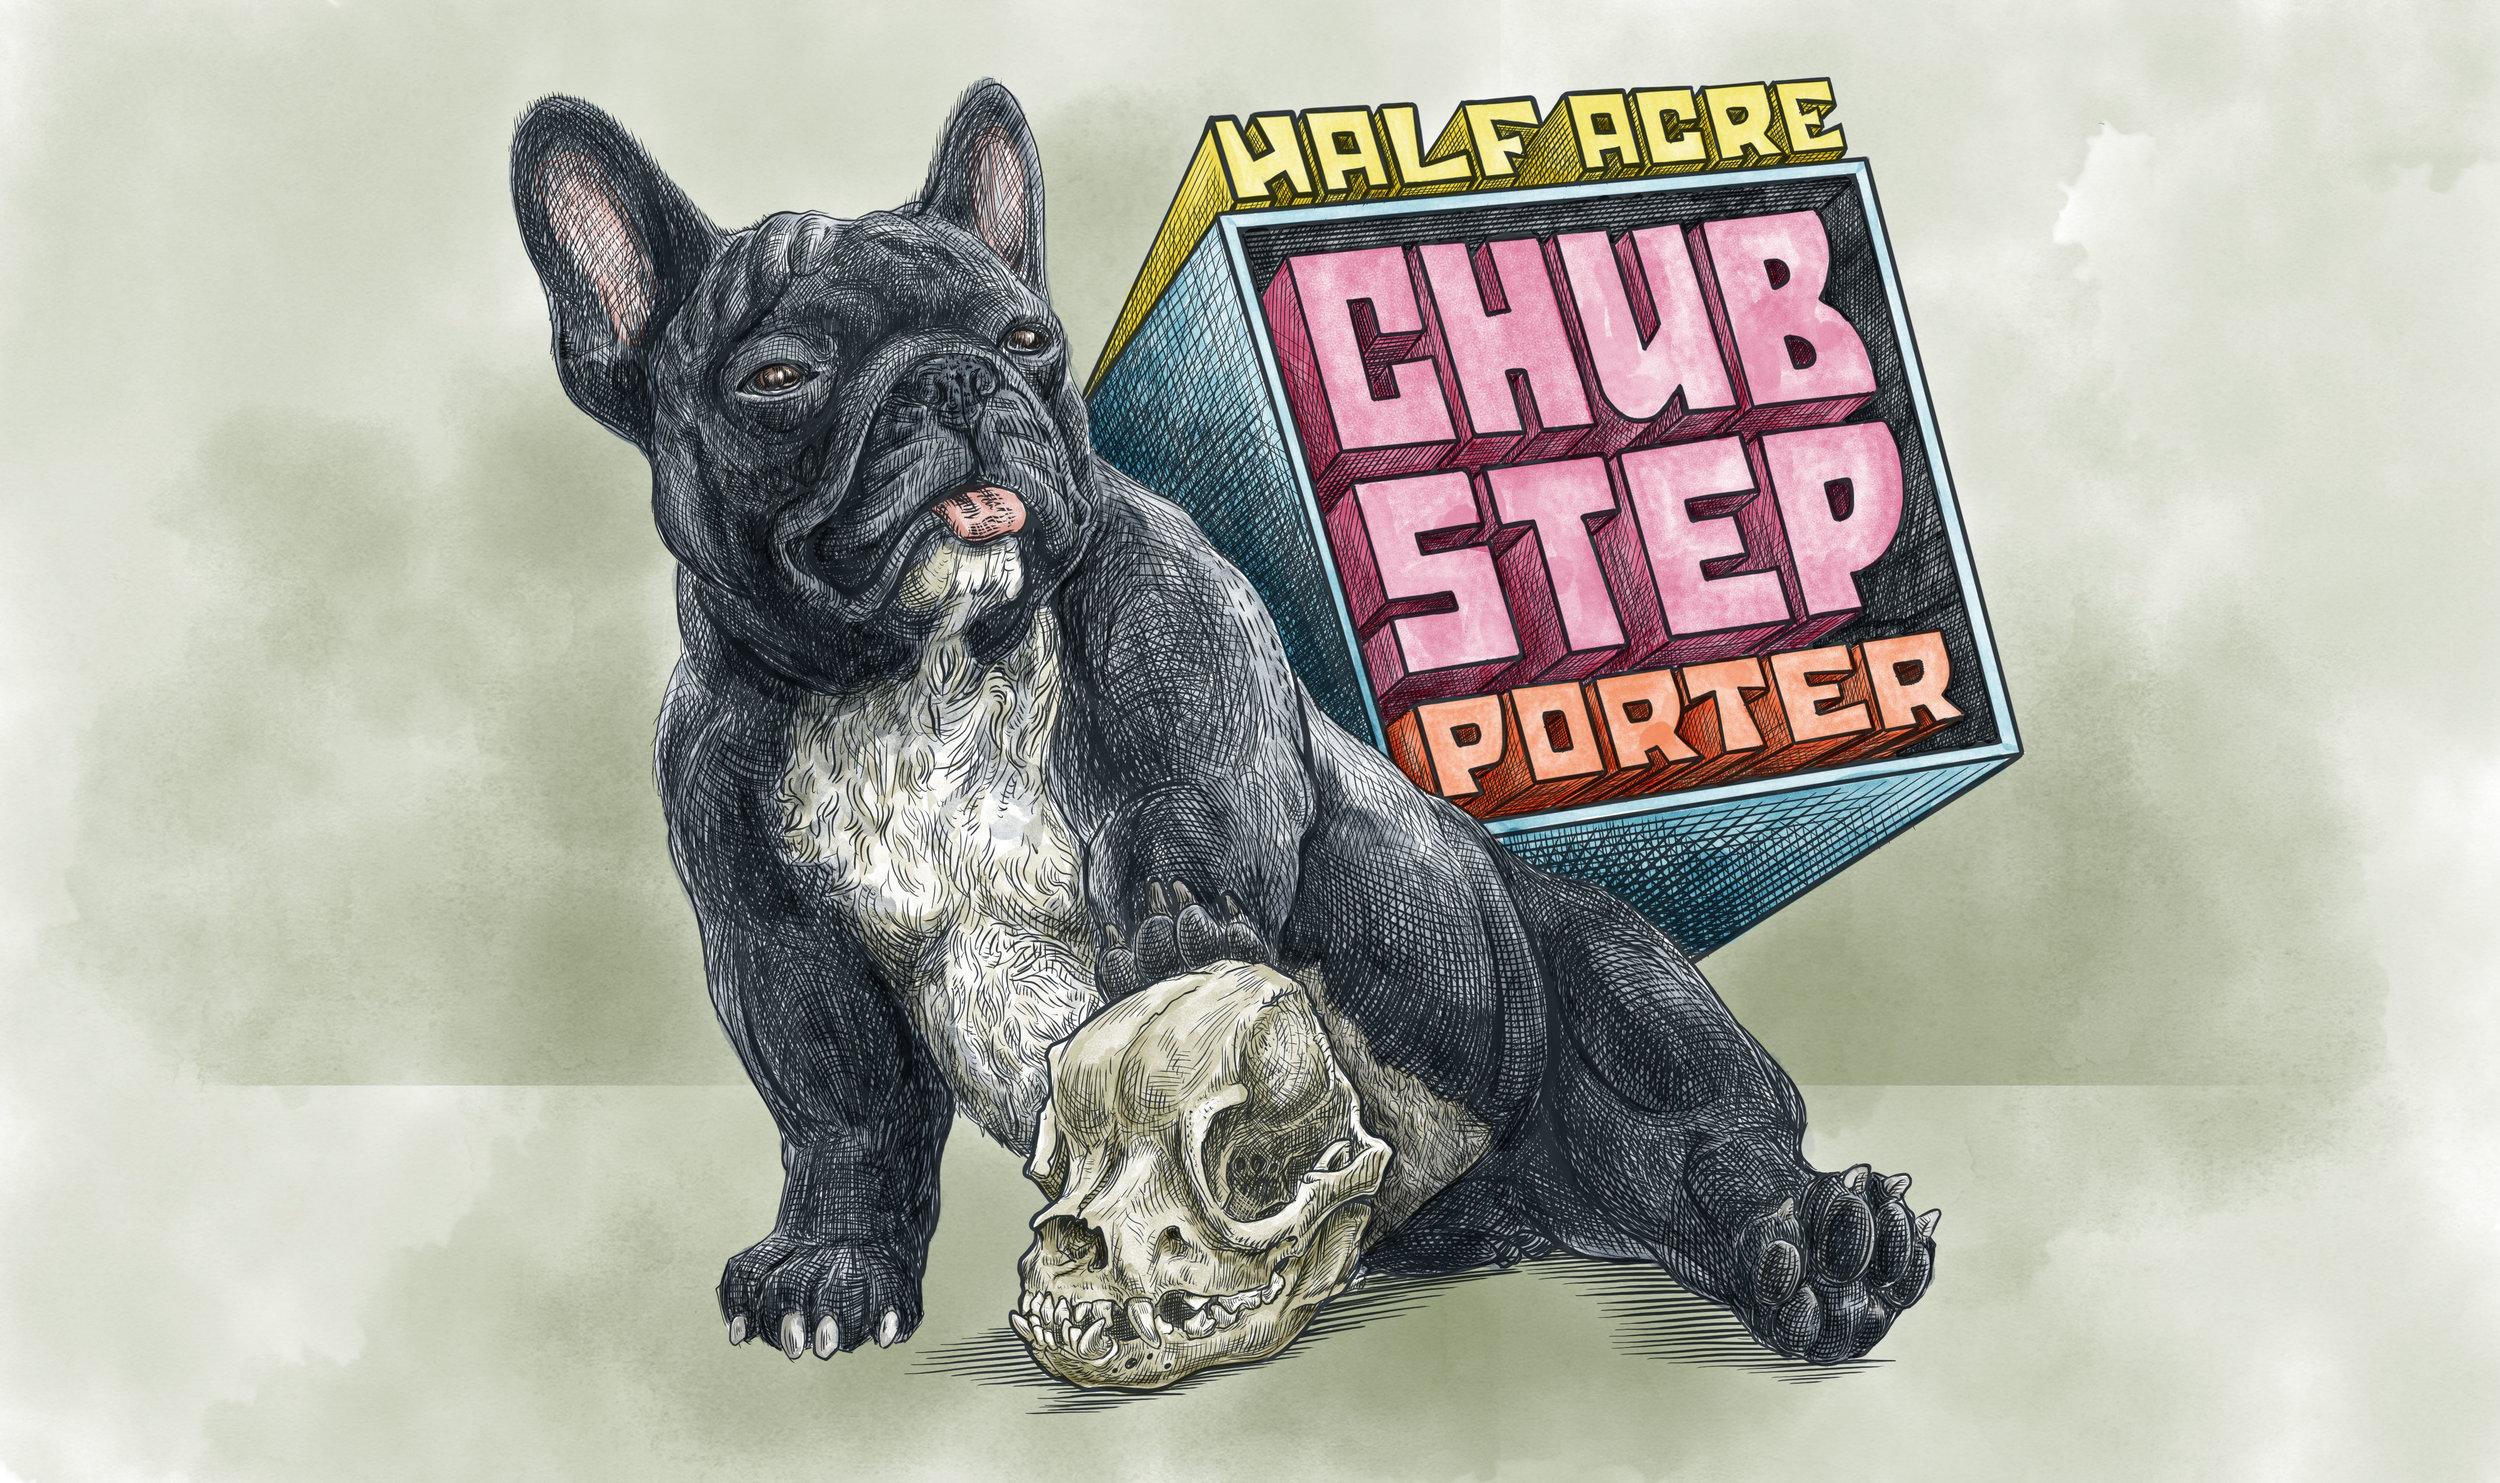 chub_step-2018-v2.jpg